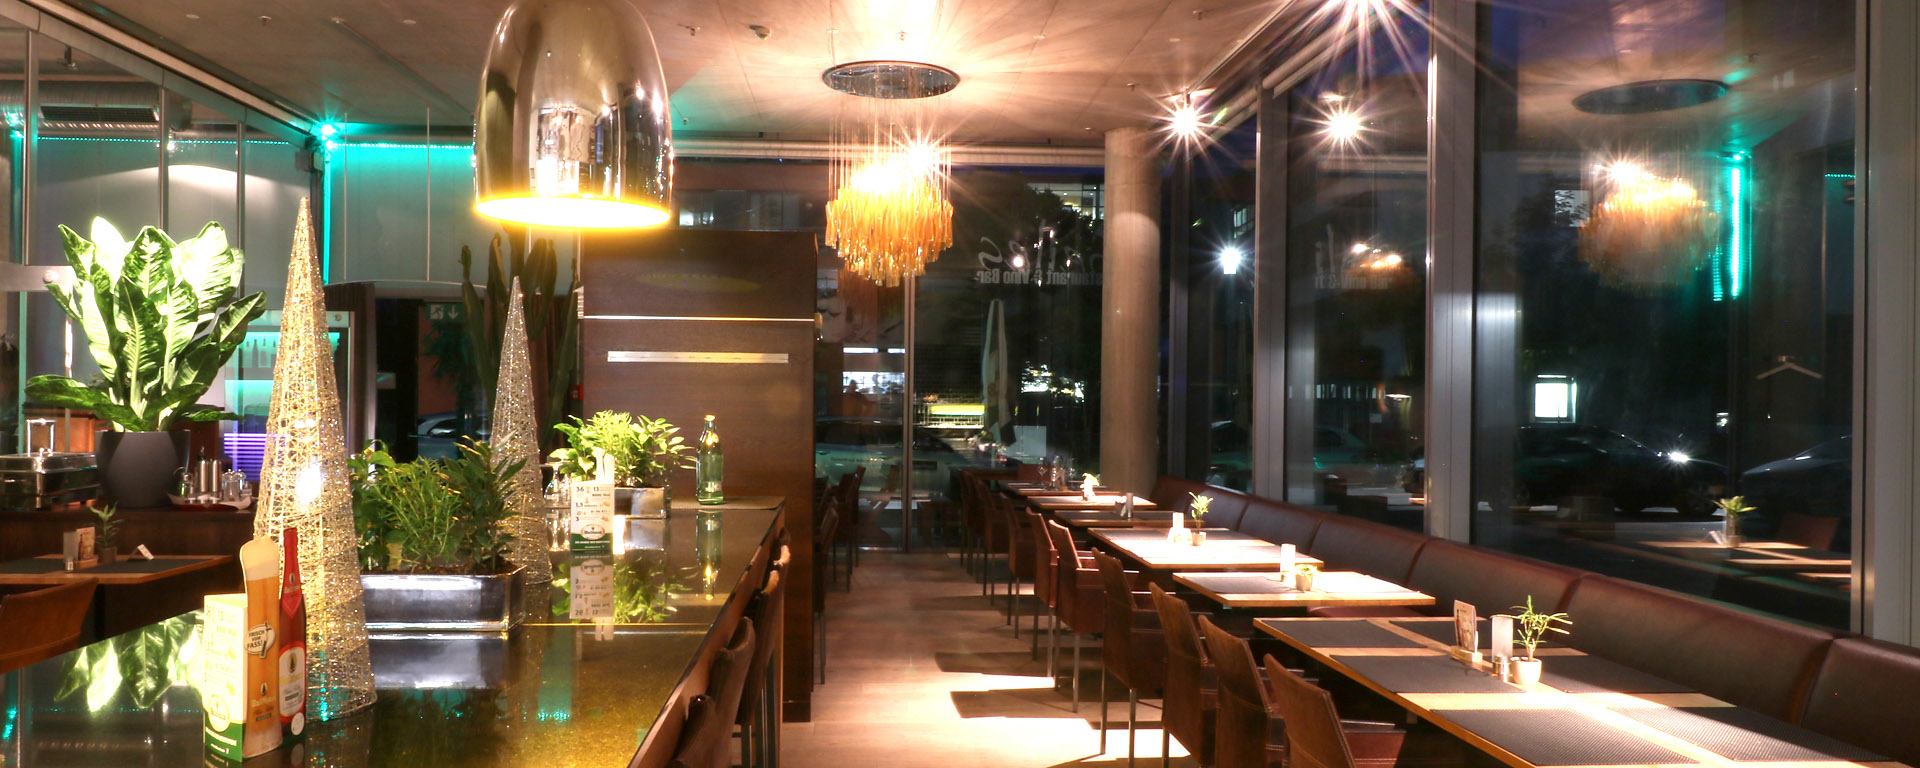 Seile´s Restaurant & Vino-Bar im Hegau-Tower Singen. Gutbürgerlich Essen in Singen, neue deutsche Küche